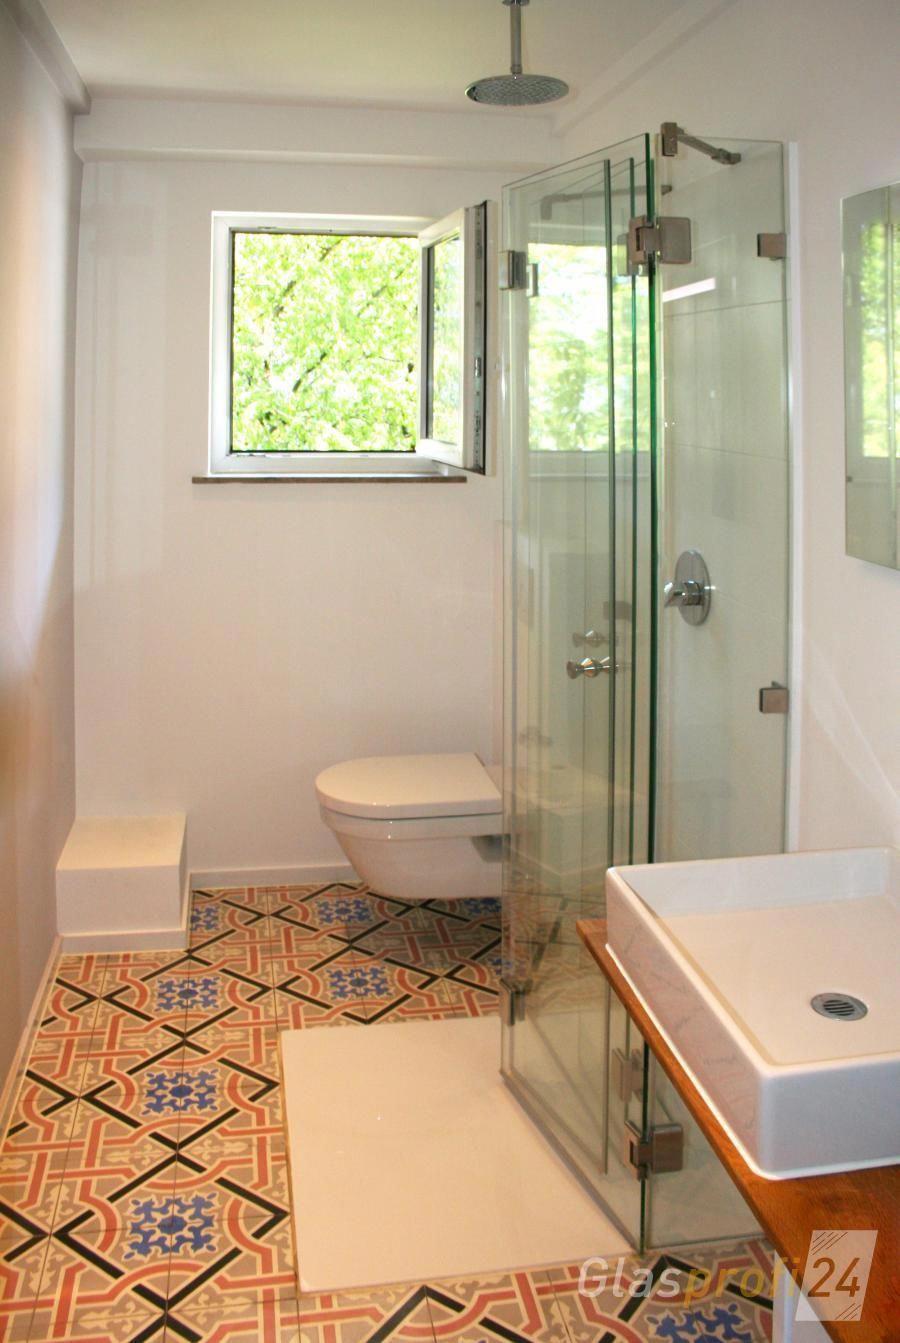 Everything About Unique Bathroom Renovation Ideas Diy Bathroomideas2018 Bathroomremodelling Bathroomrenovationco Badezimmer Klein Bad Einrichten Duschkabine